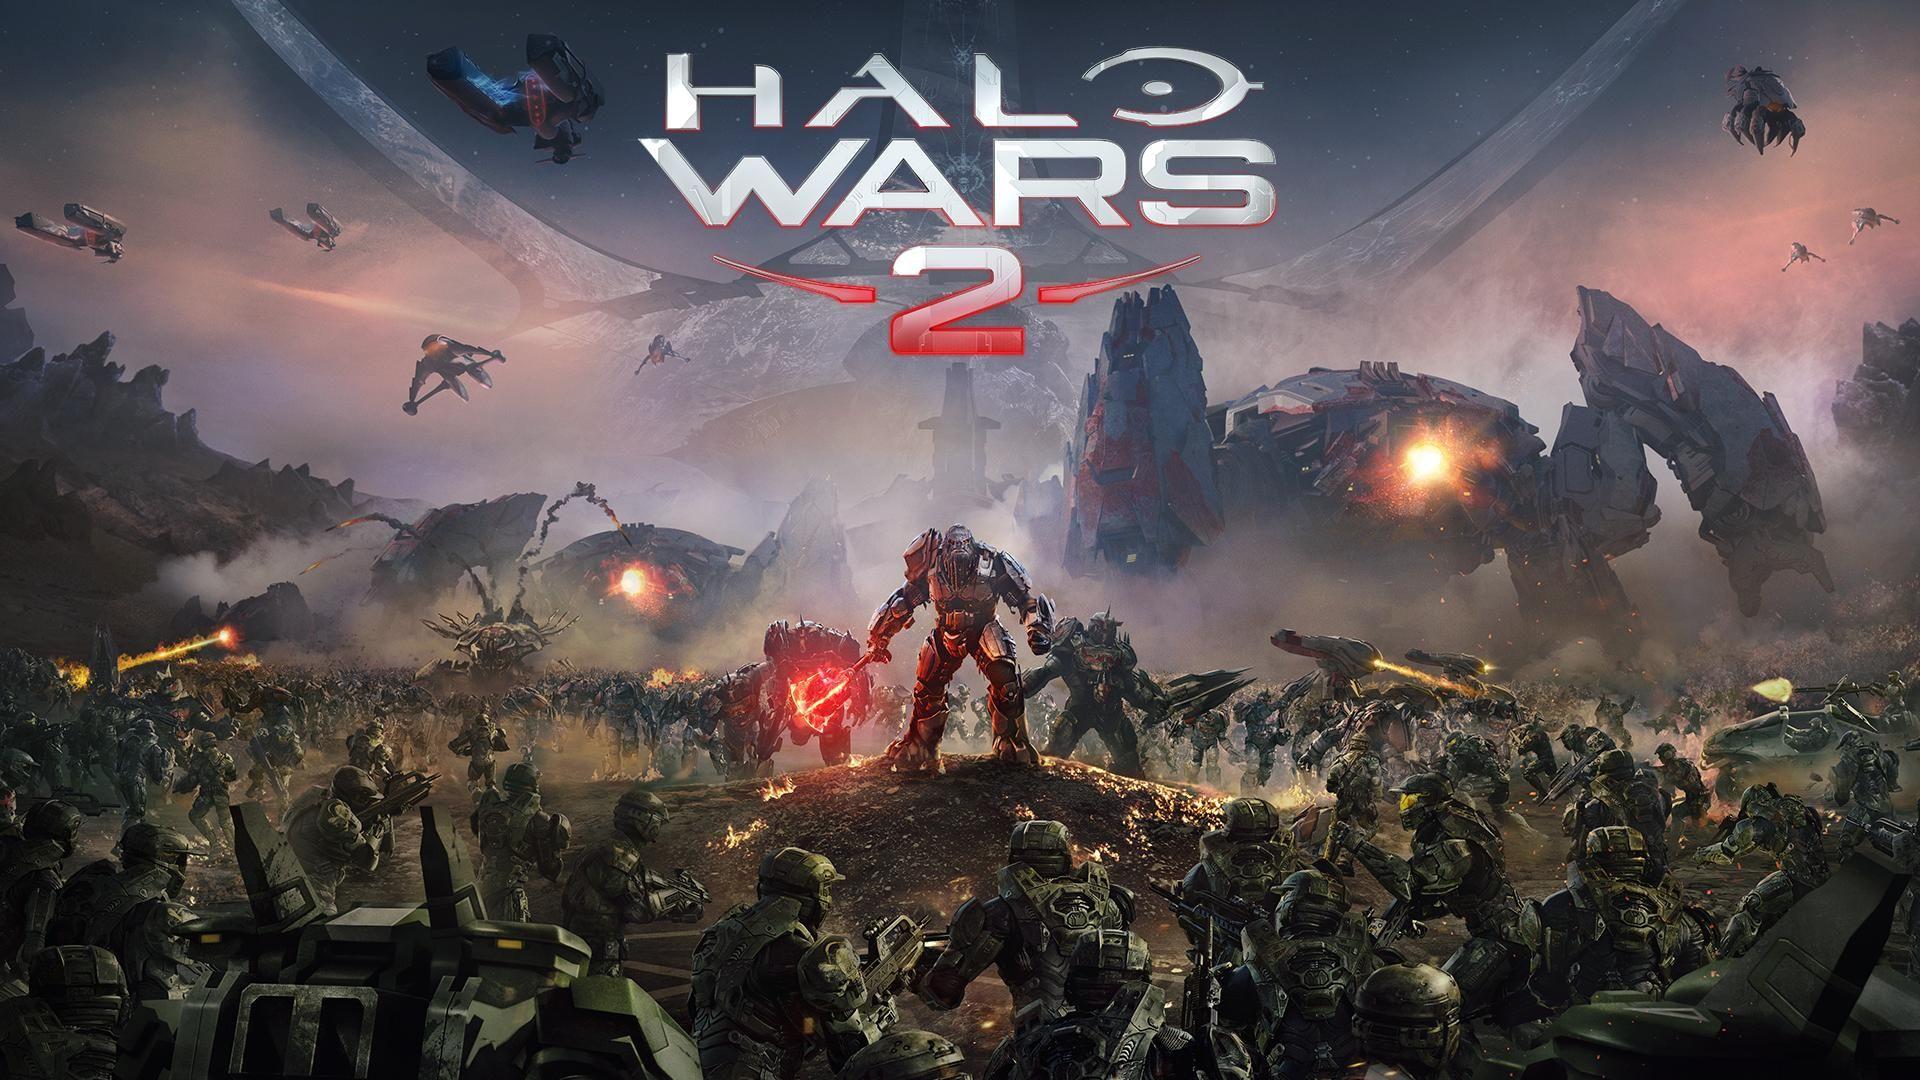 halo-wars-2-ecco-il-nuovo-trailer